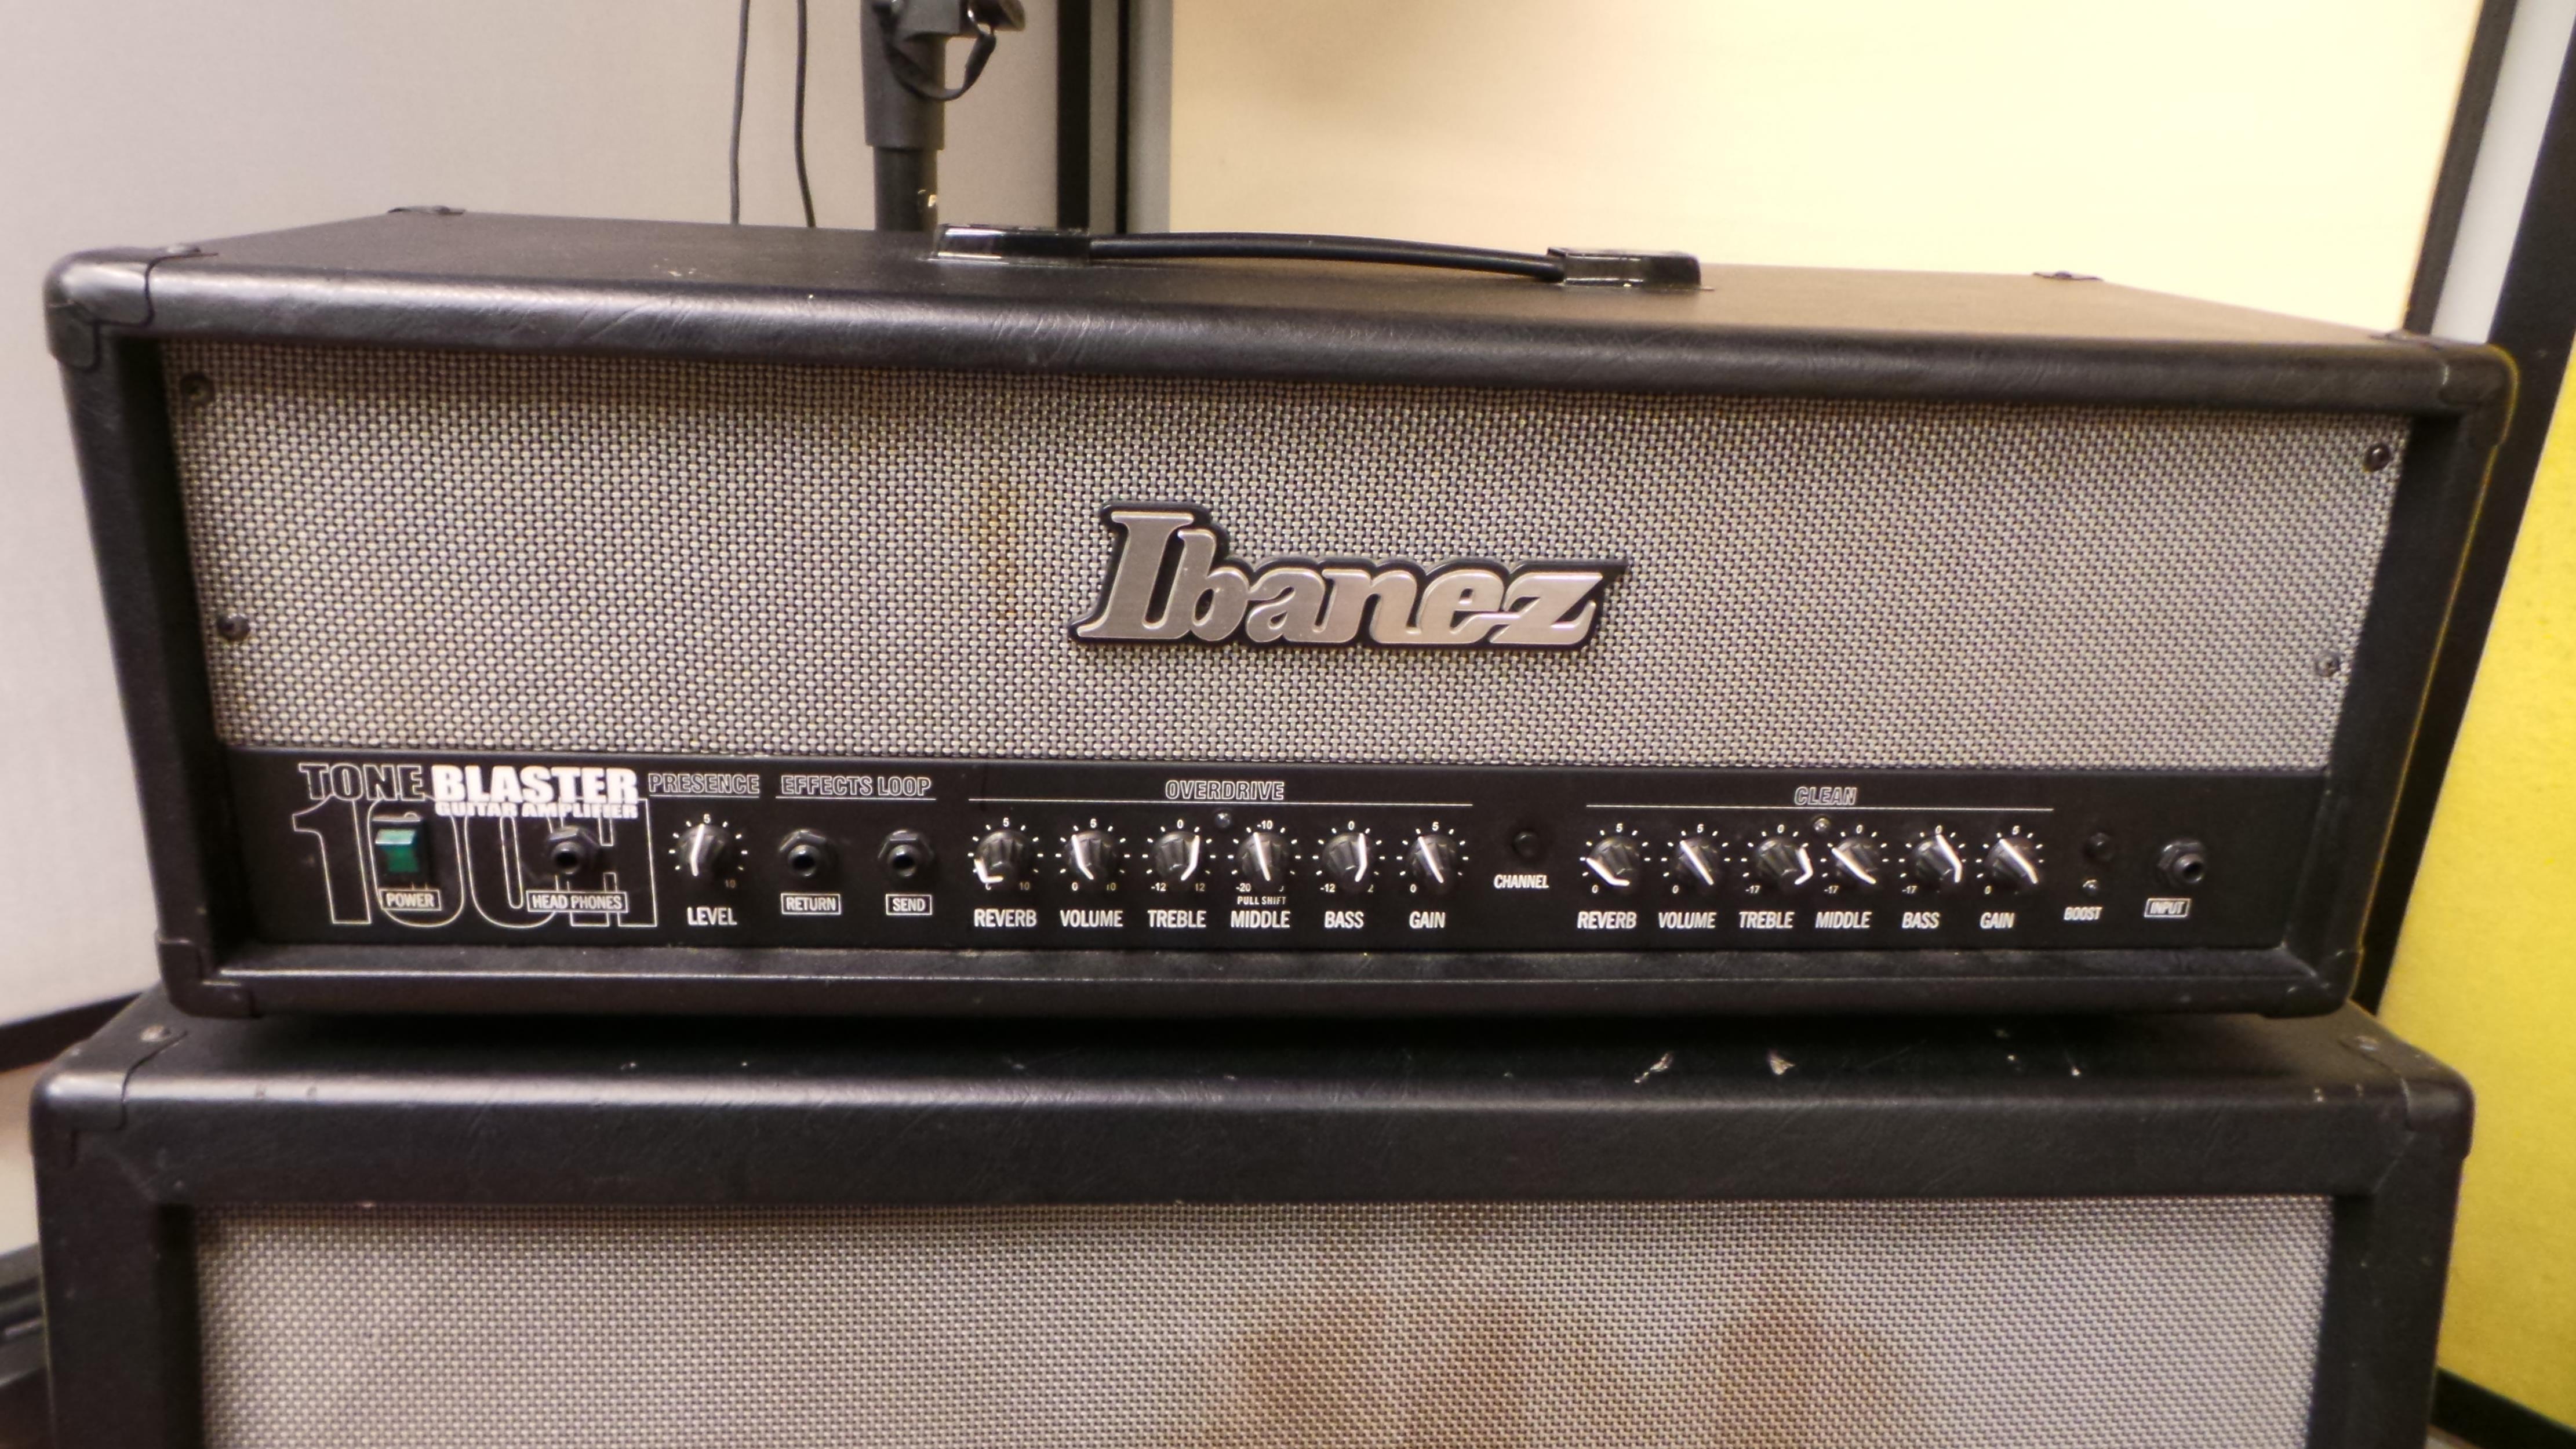 IBANEZ TB 100 H toneblaster .